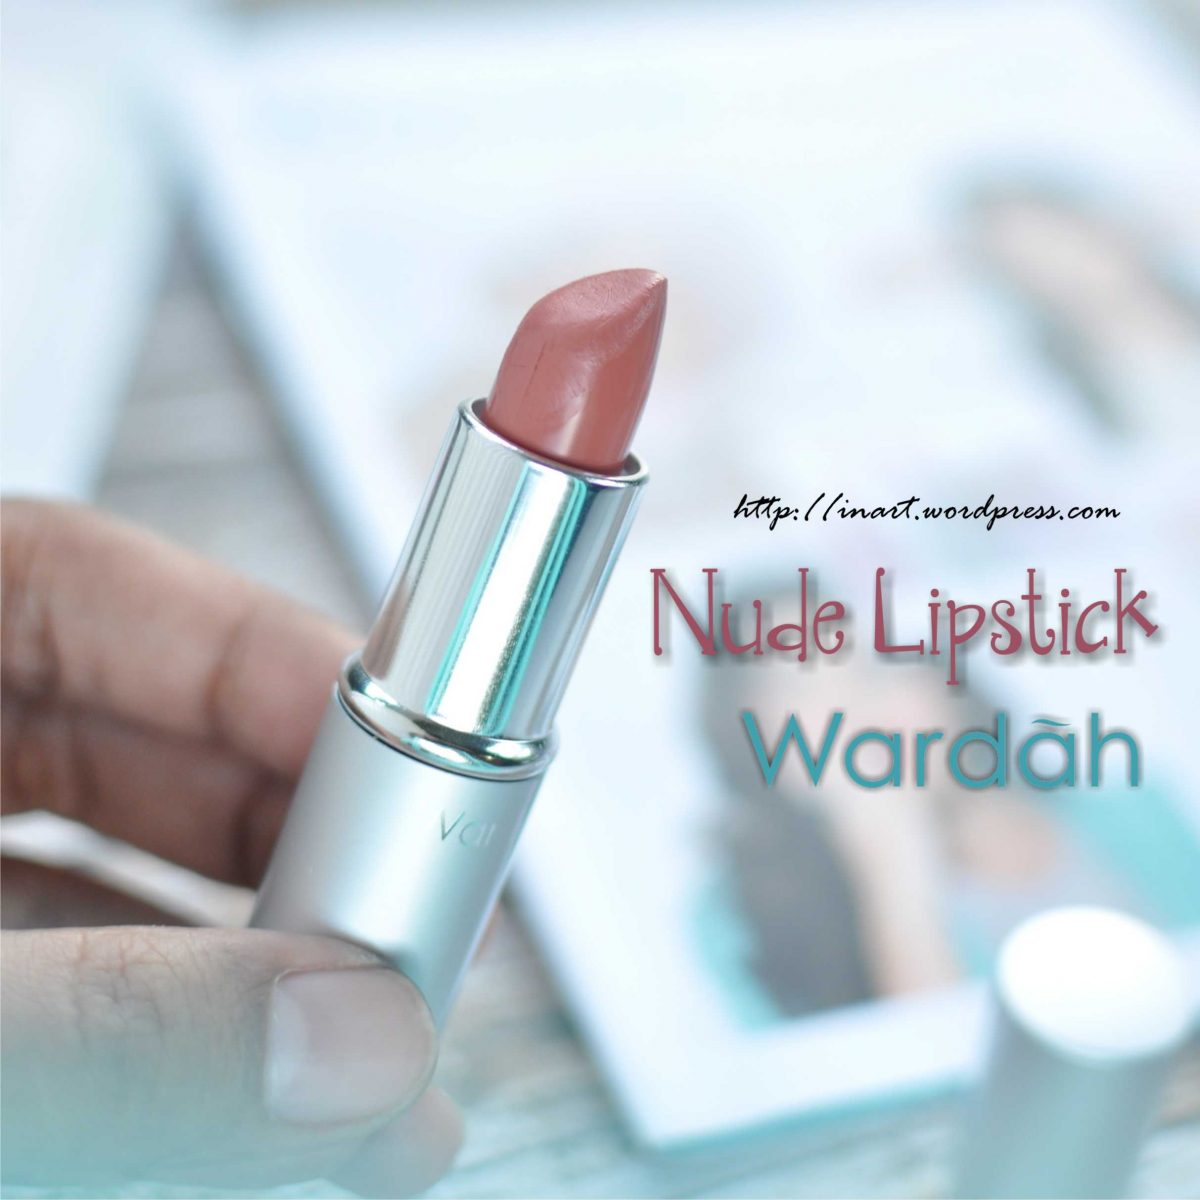 Inart's Story - Lipstik Nude Wardah untuk Bibir Ombre